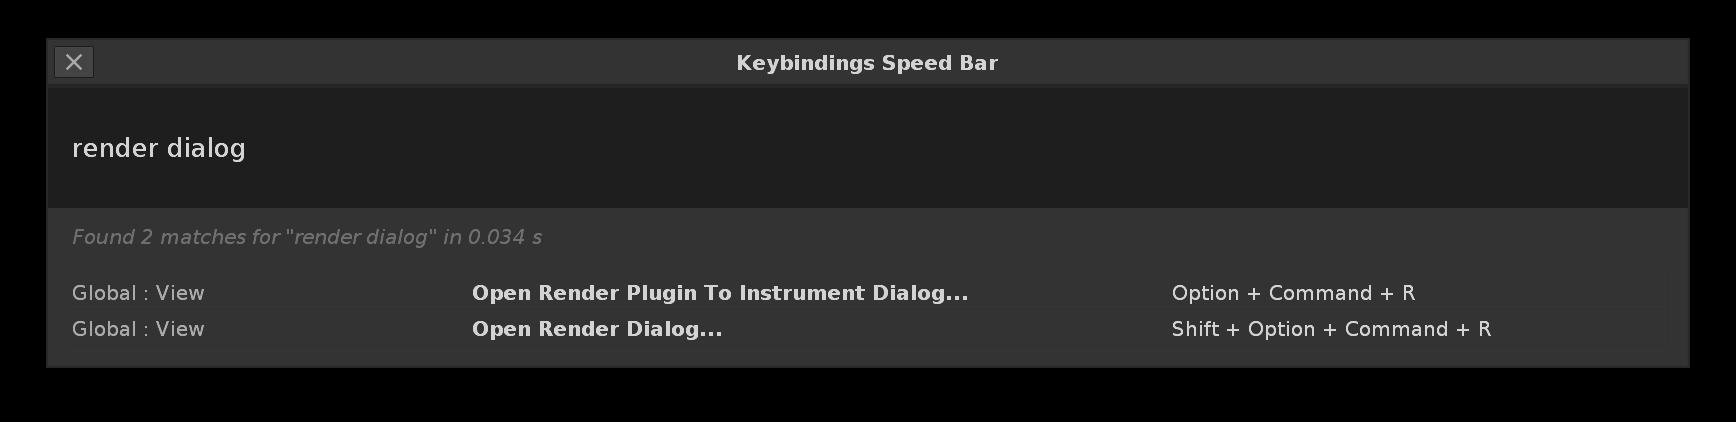 speedbar-01